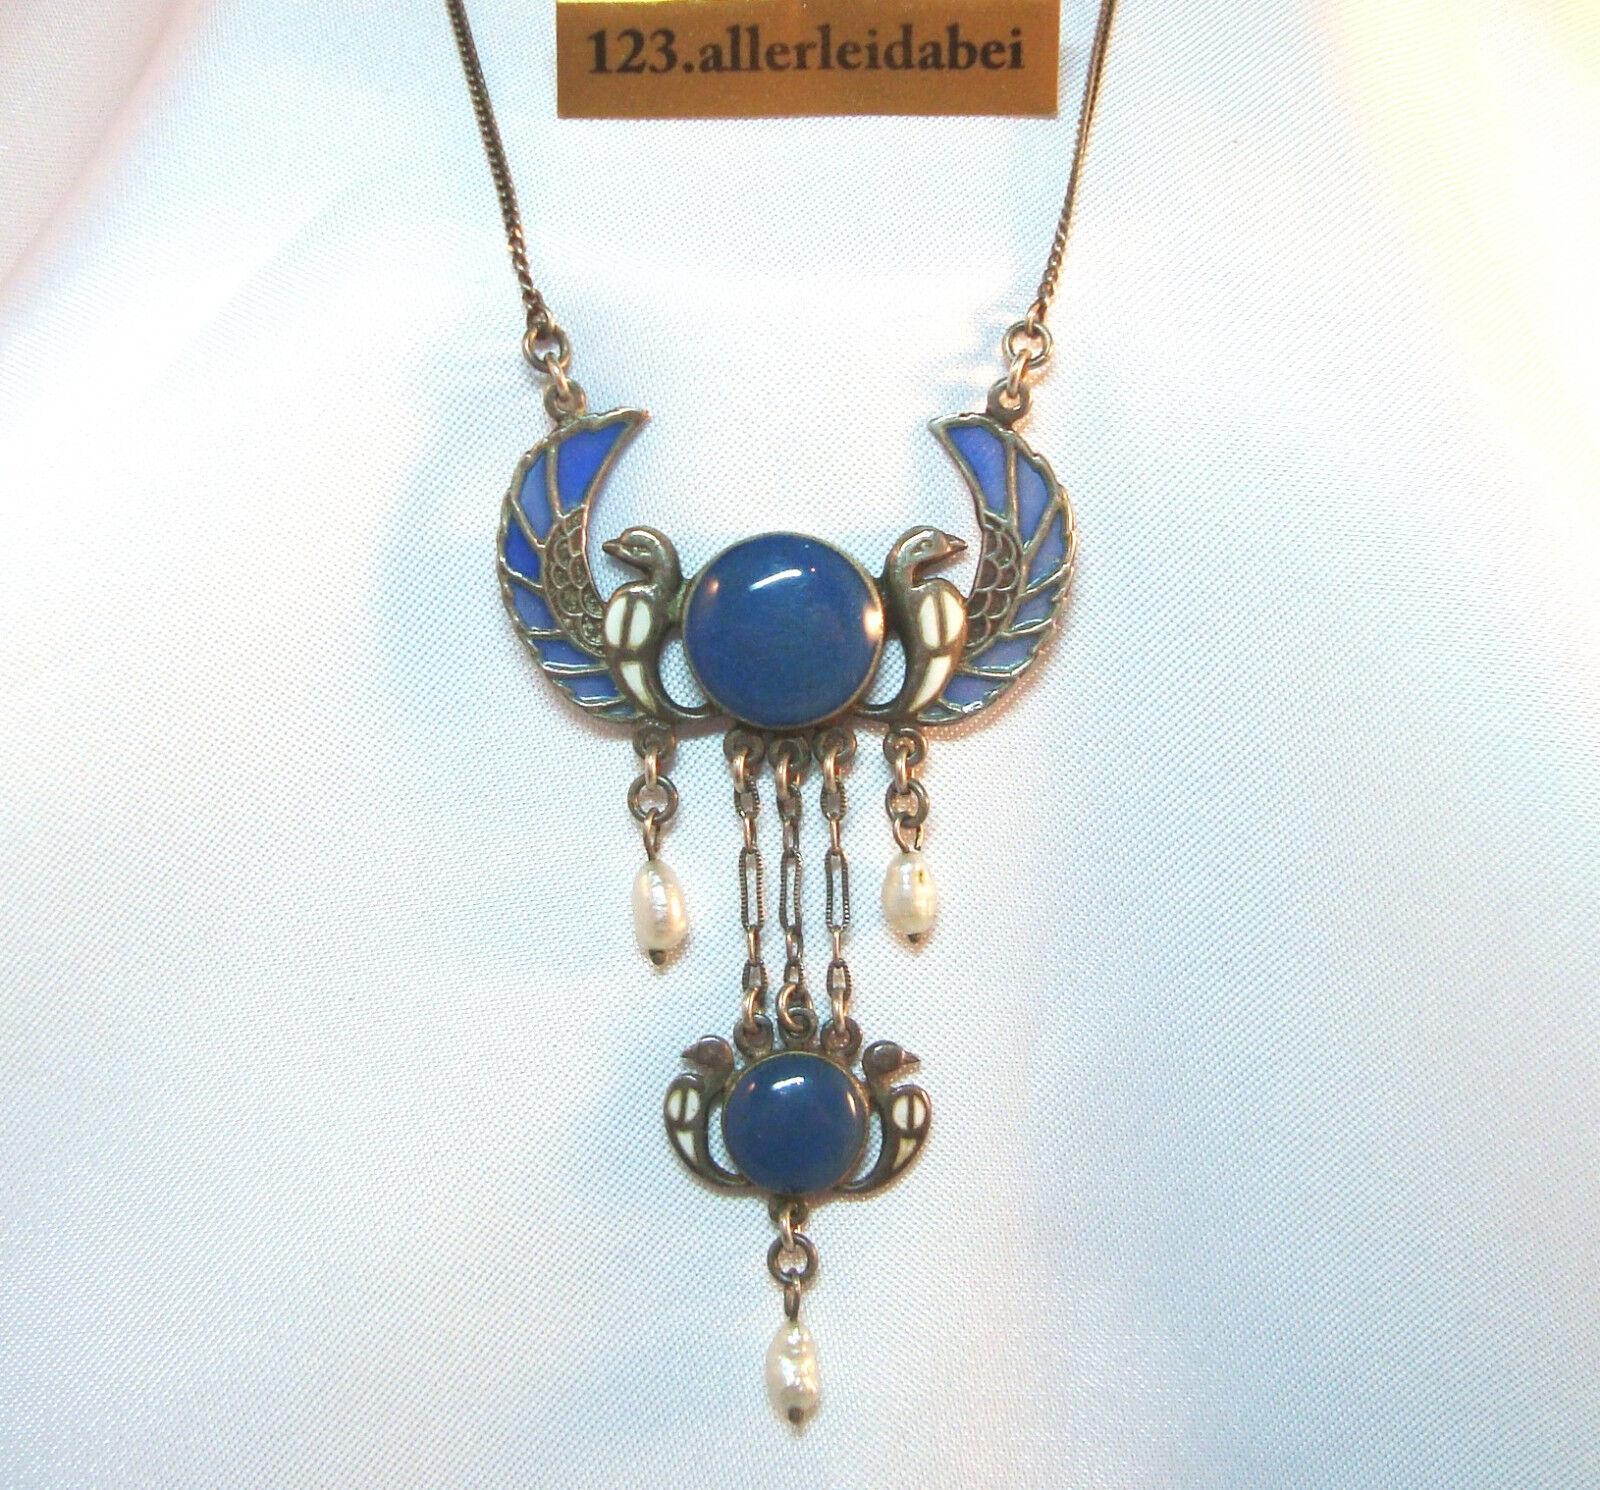 Silber Collier emailliert plique a jour Kette emaille art nouveau 1915 AU 553